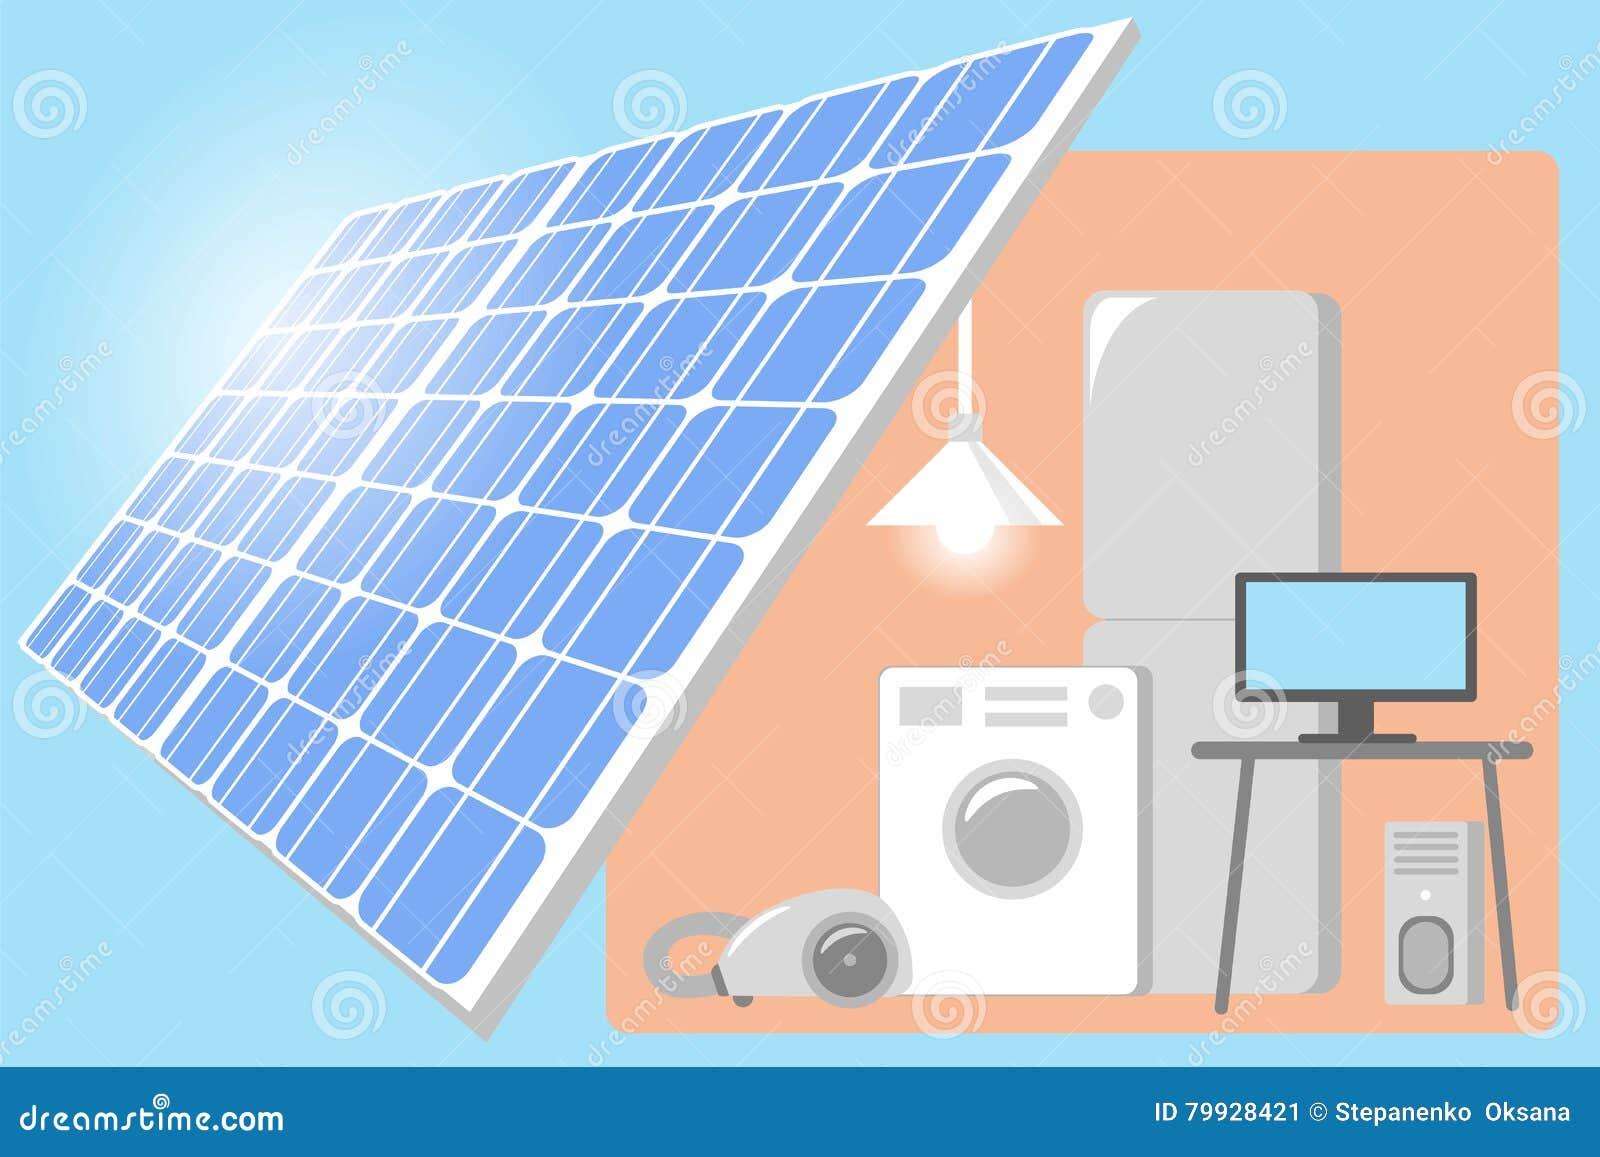 Puissance Panneau Photovoltaique tout panneau solaire sur un toit de la maison - puissance d'énergie